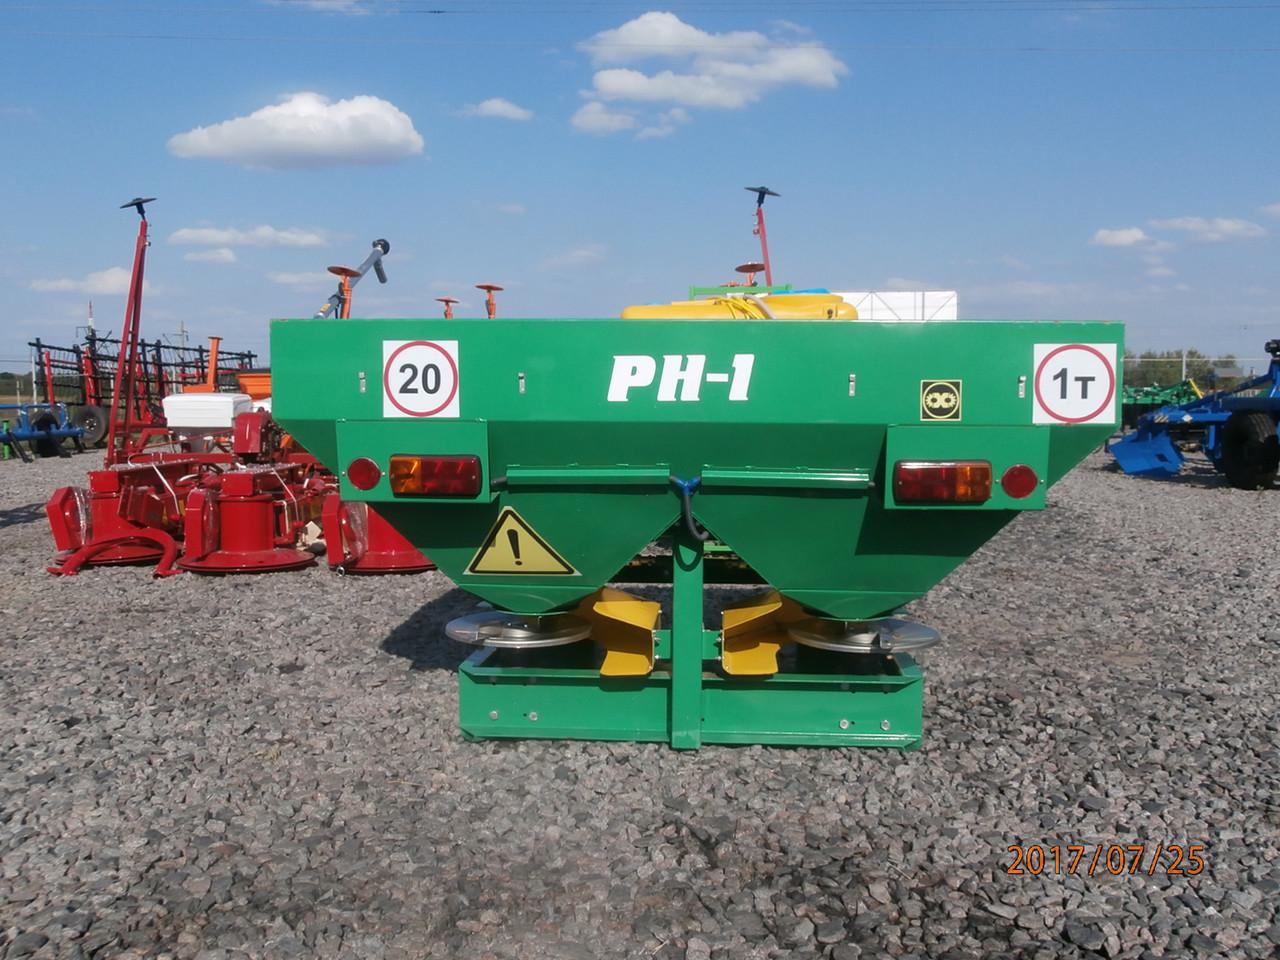 Разбрасыватели удобрений: машины для внесения минеральных и органических удобрений, навесные, прицепные и другие агрегаты